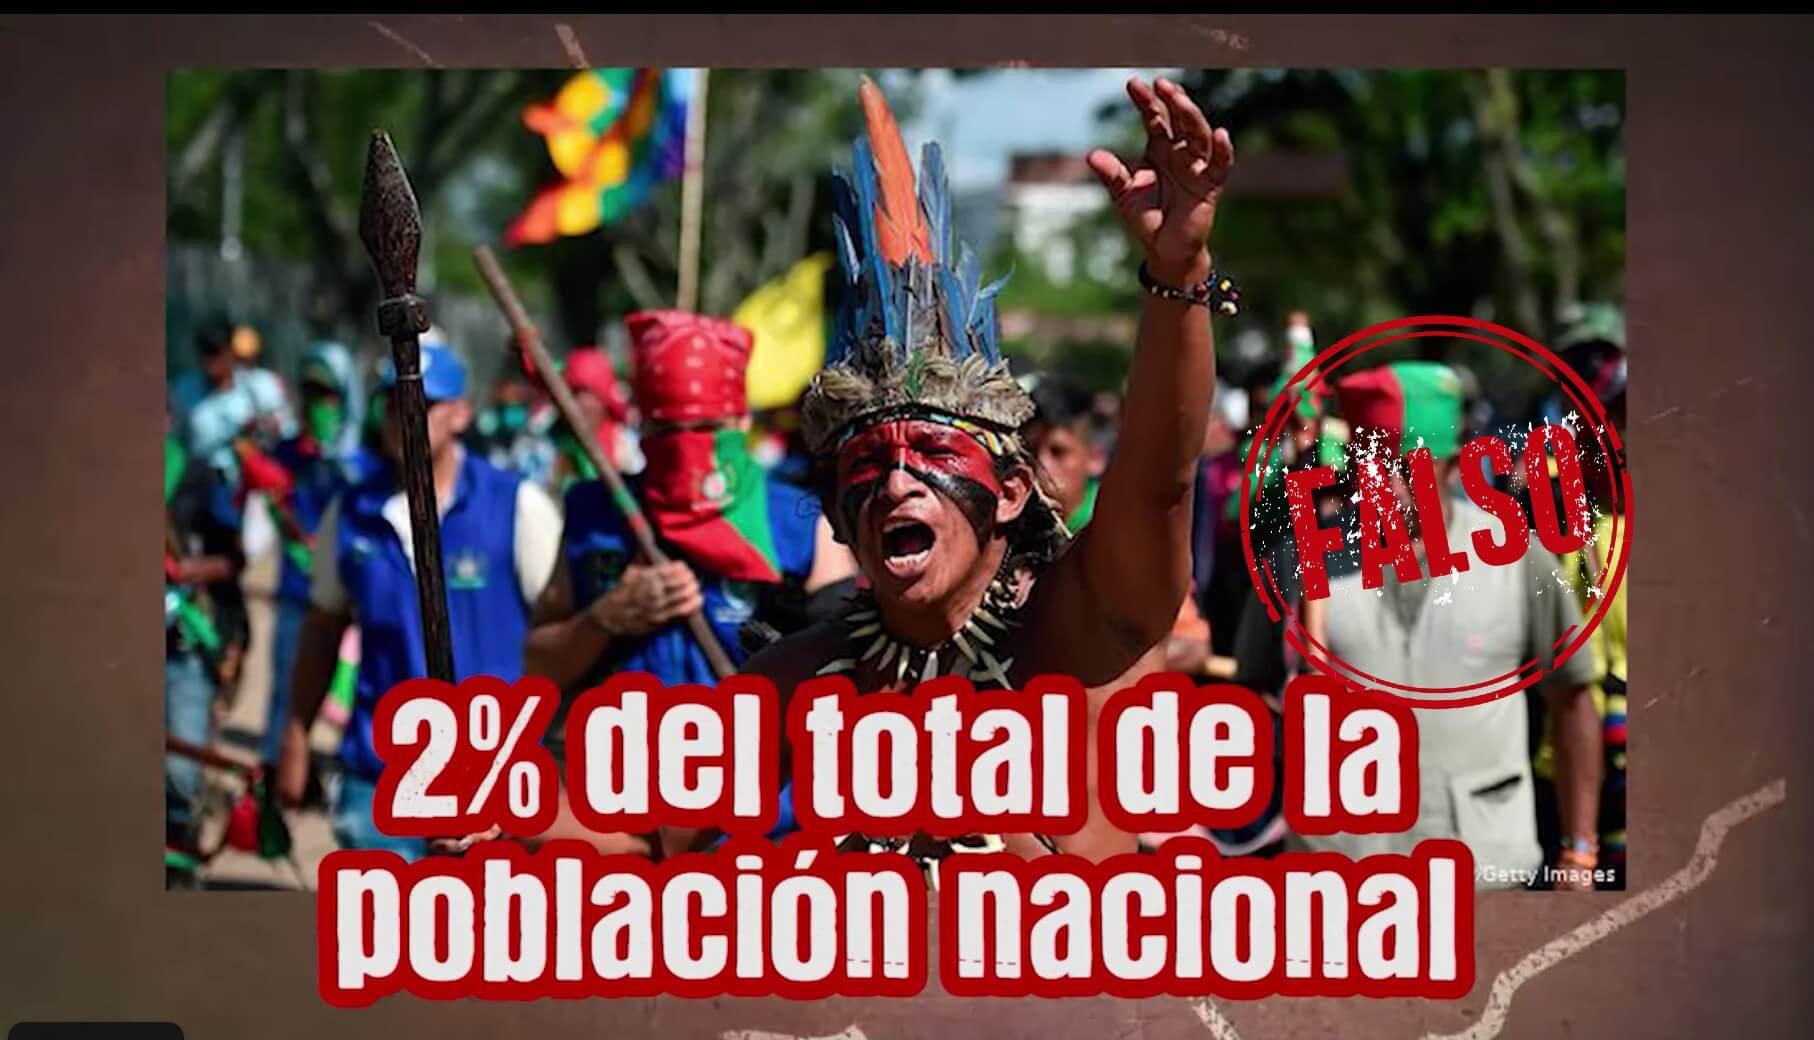 pantallazo de video de la polla que dice que indígenas son el 2% de la población